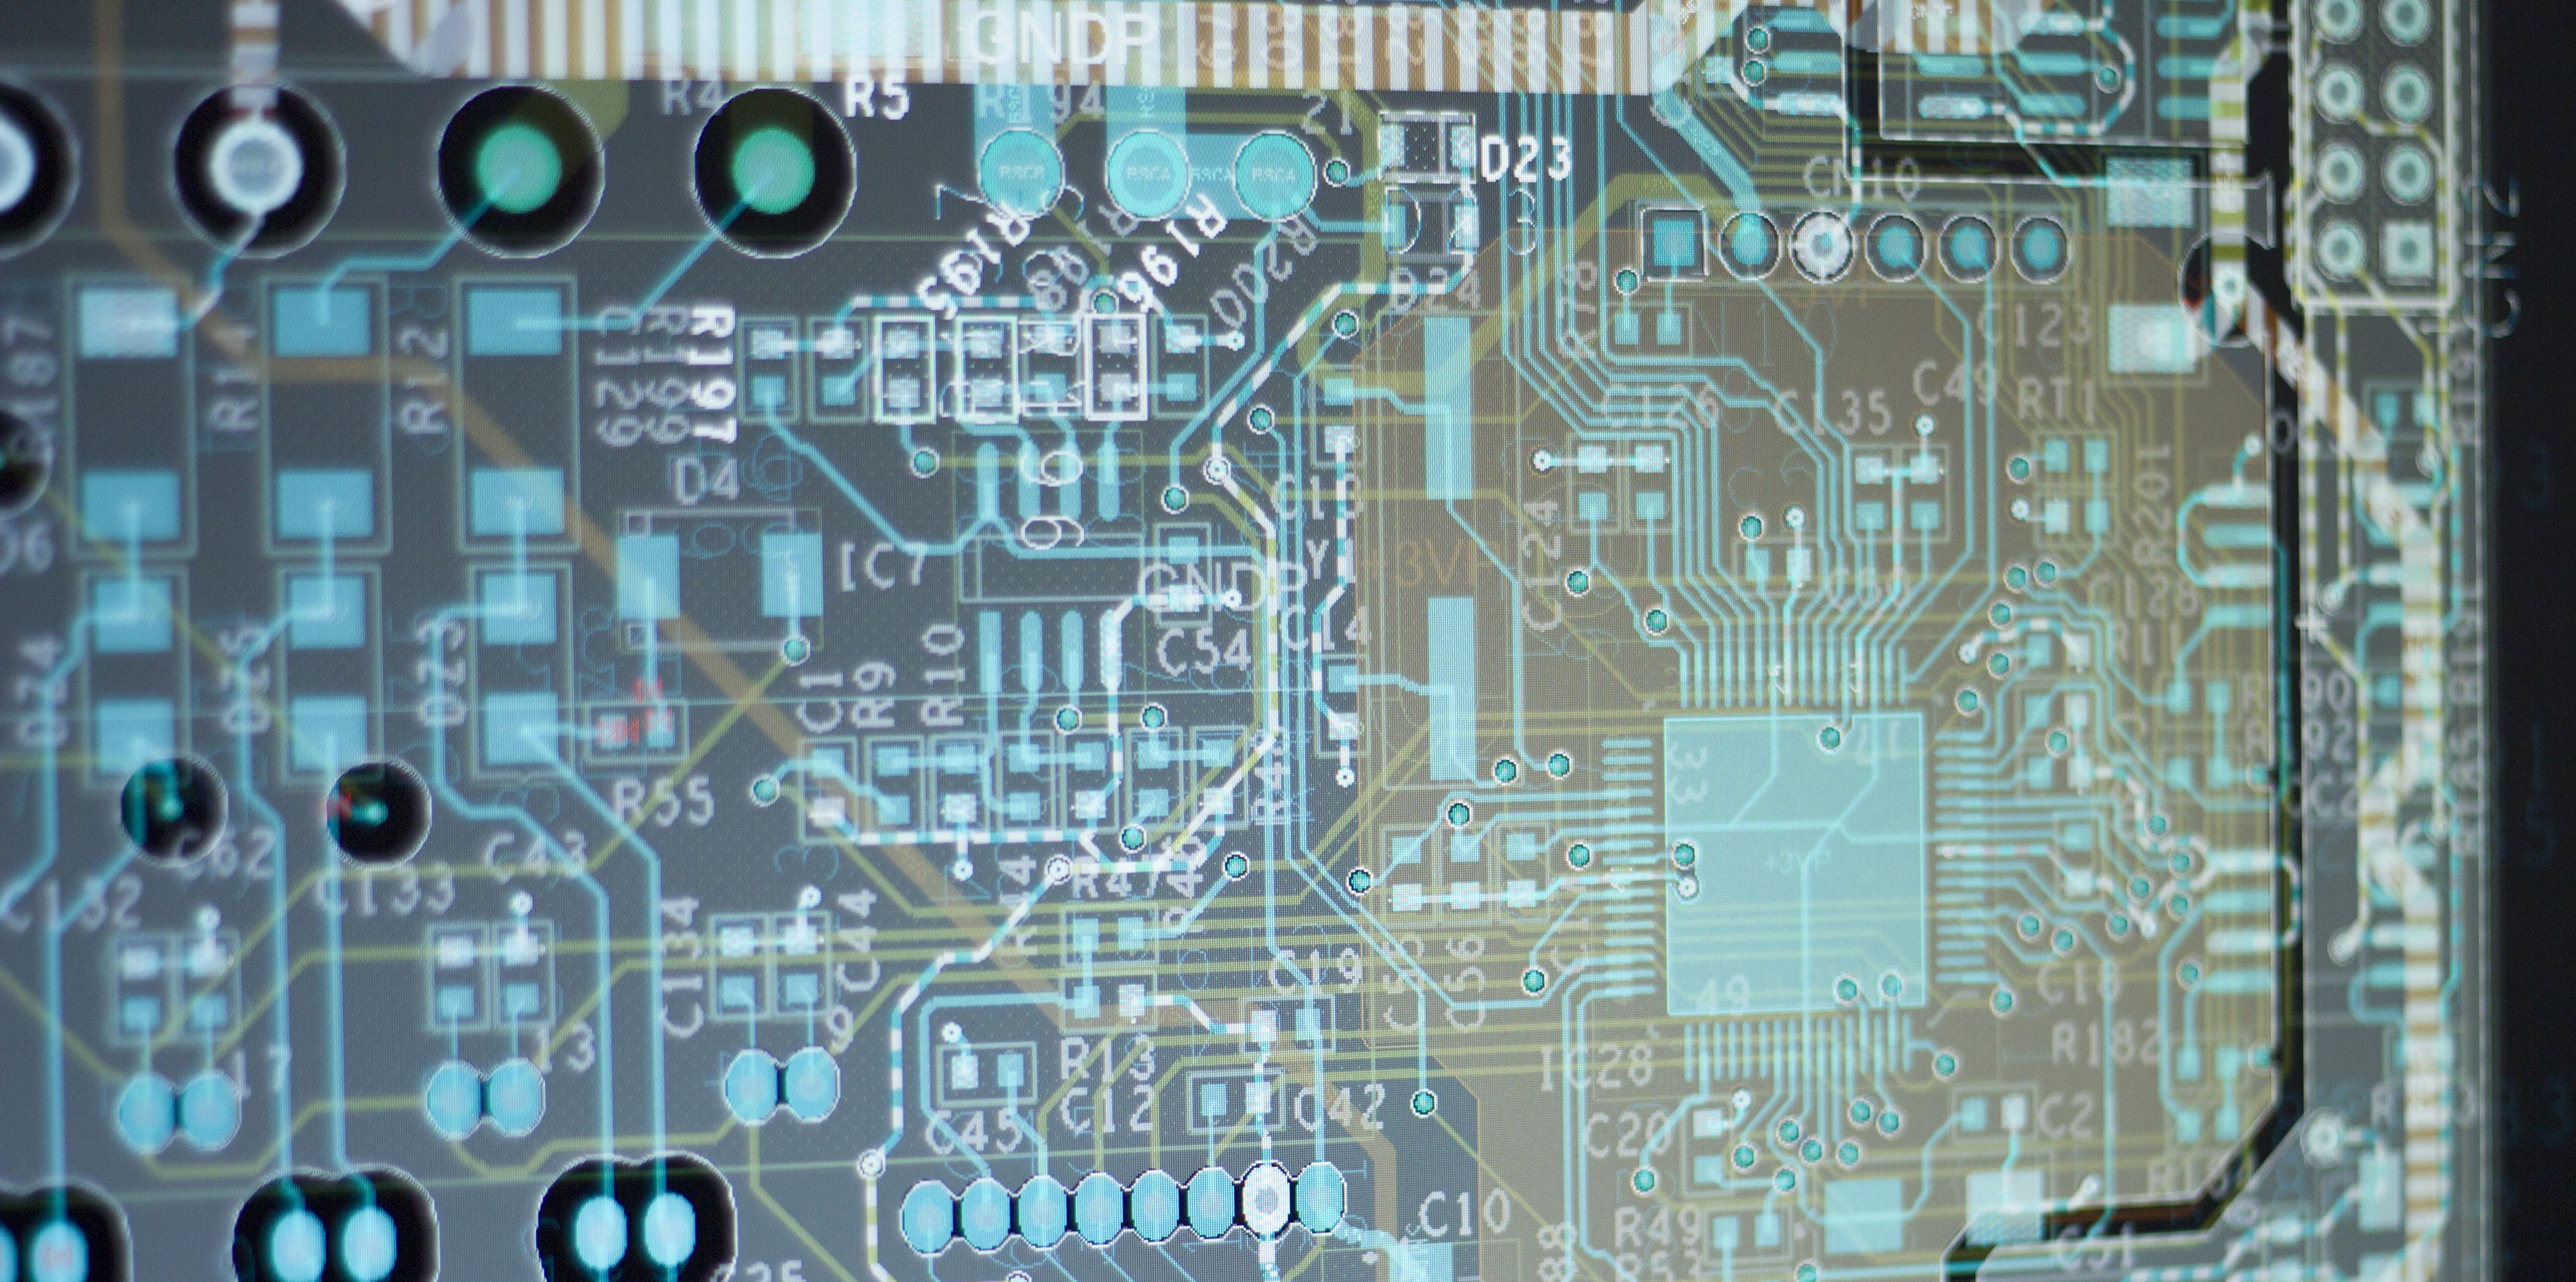 Progettazione PCB<br>interna